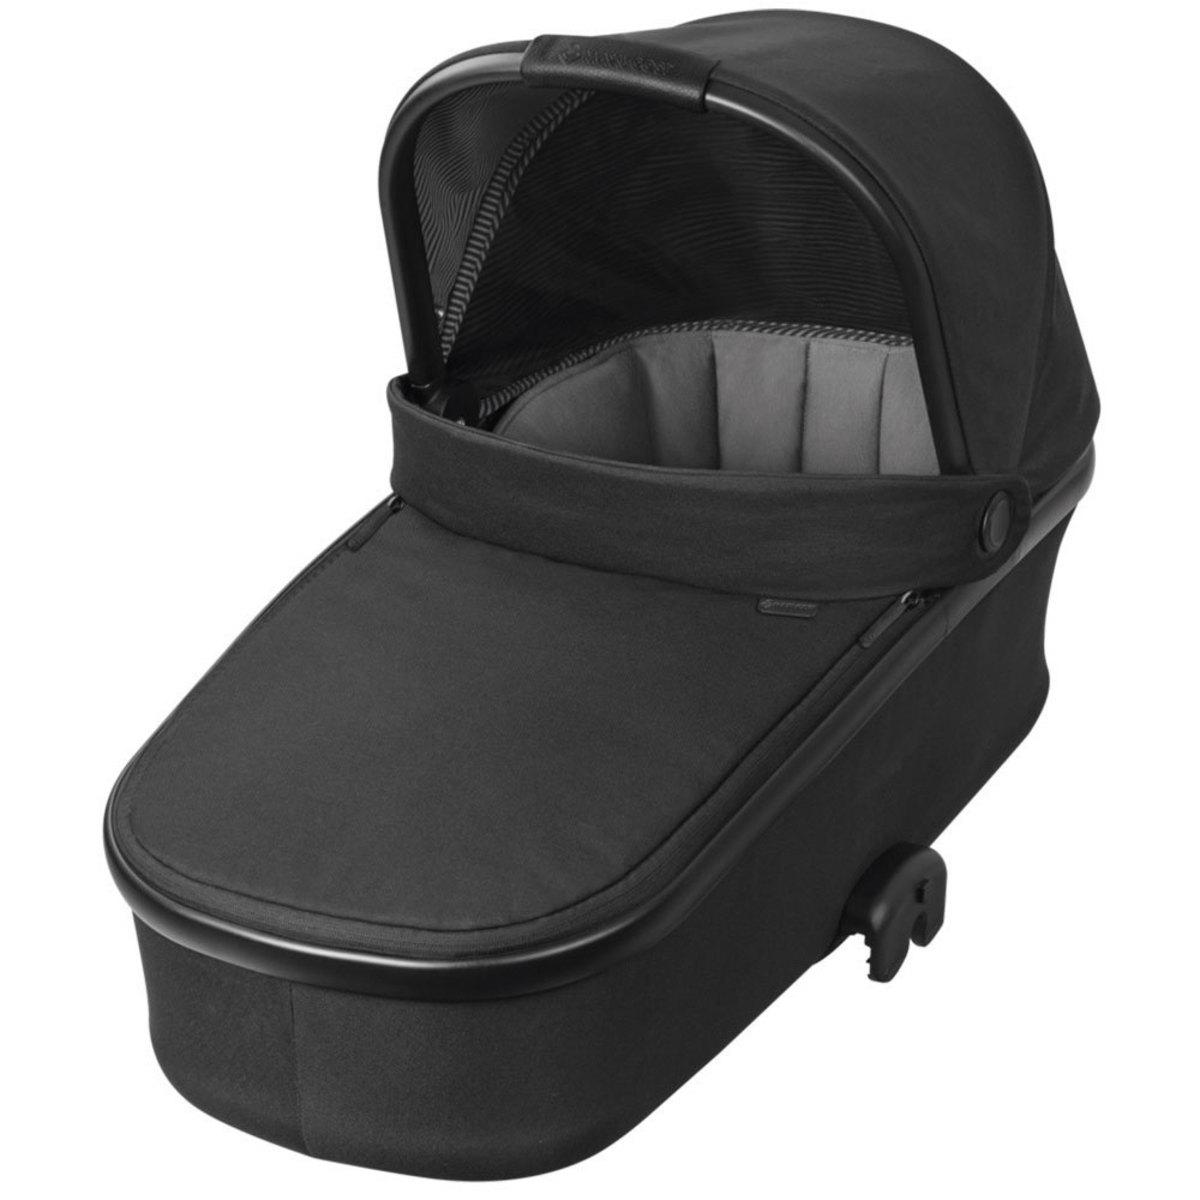 nacelle oria triangle black 1507330210 achat vente accessoires poussette sur. Black Bedroom Furniture Sets. Home Design Ideas